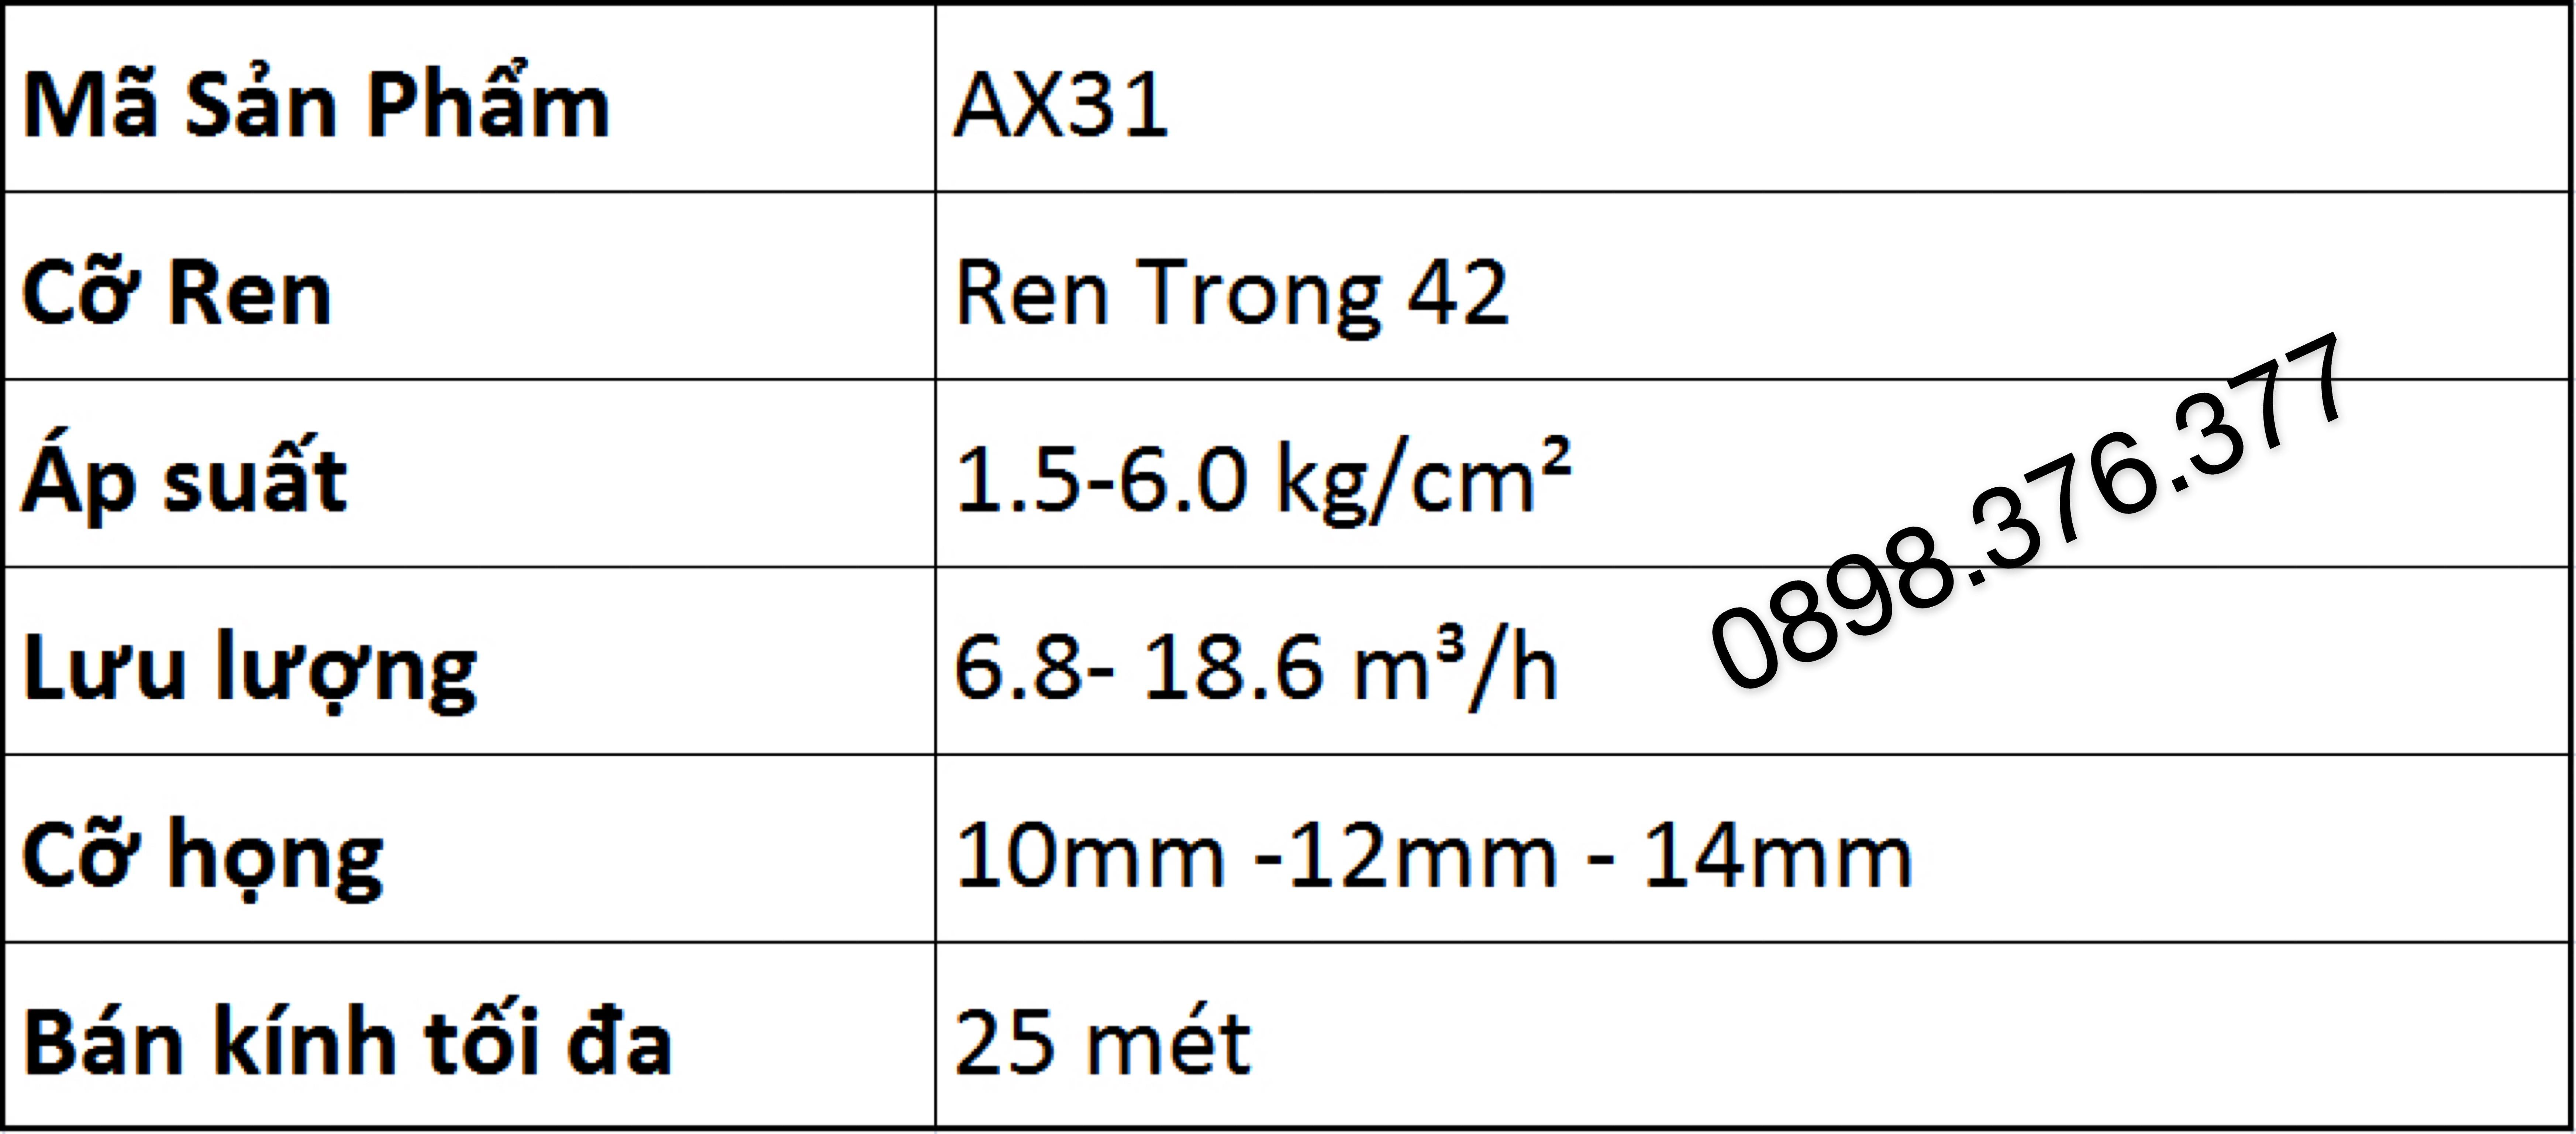 bảng thông số kỹ thuật béc ax31